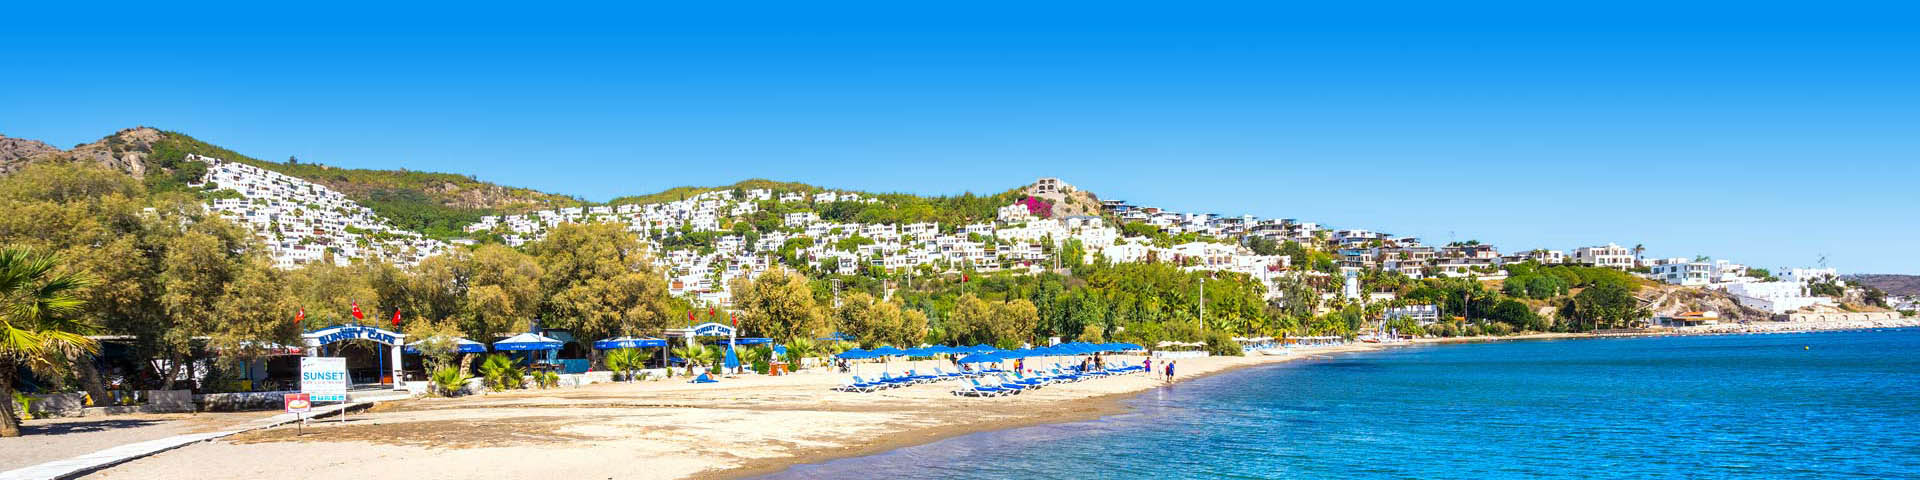 Turkse kust met het strand bij Bodrum en Bitez in Turkije